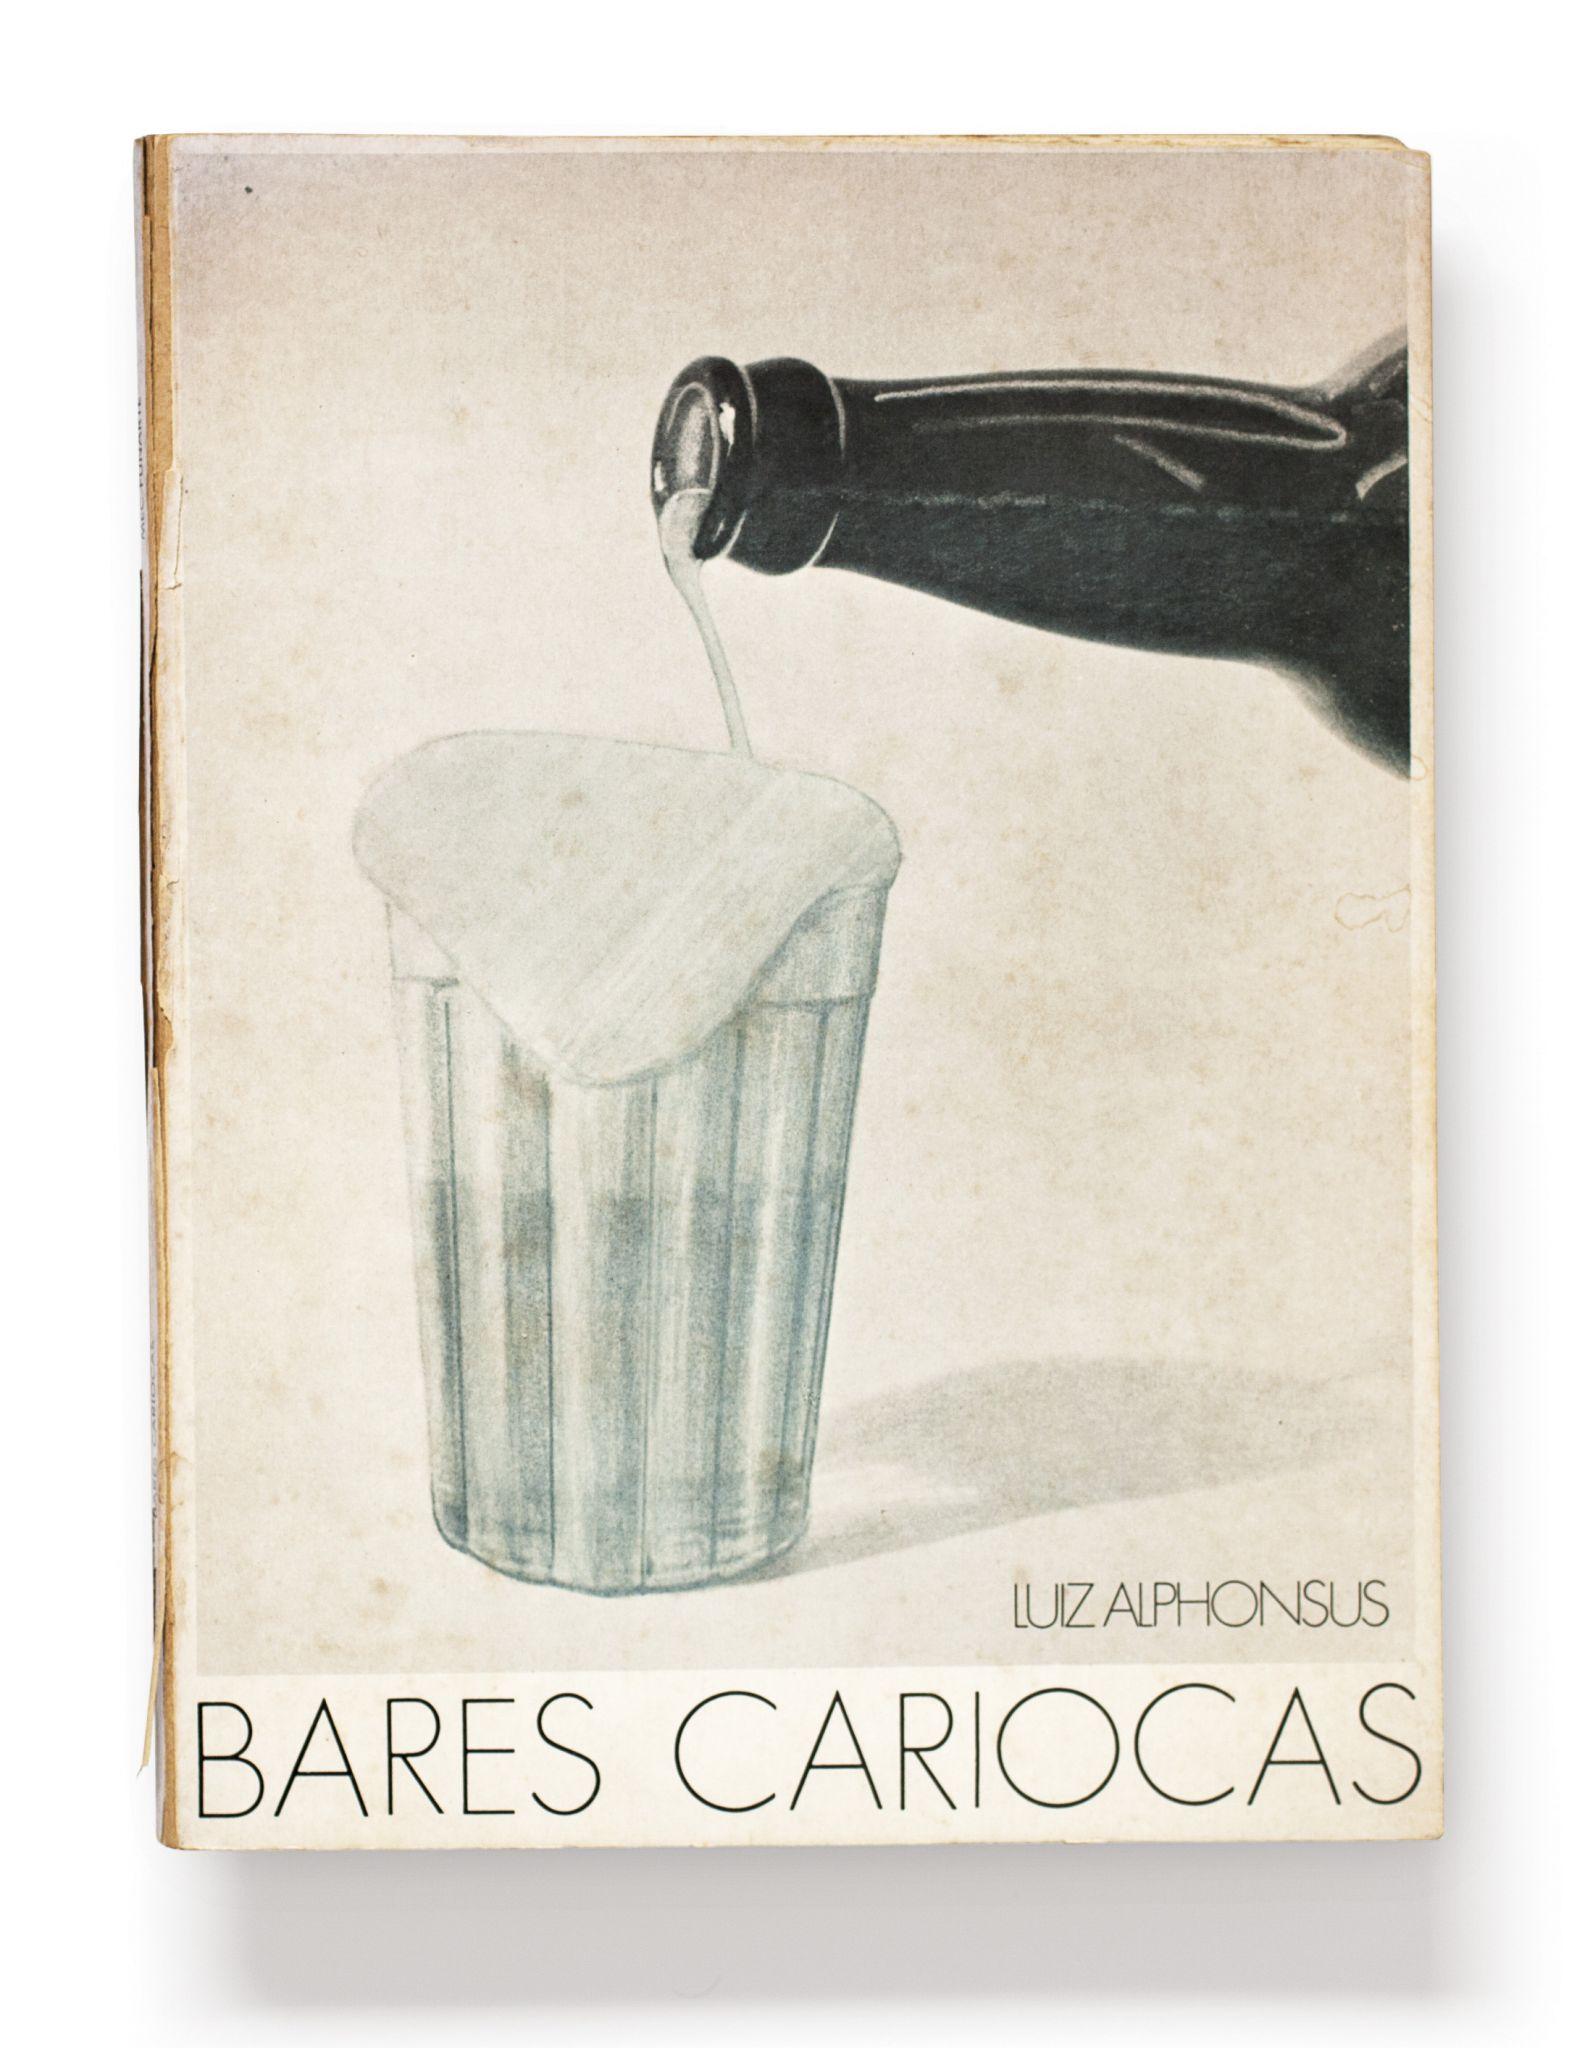 Bares_cariocas